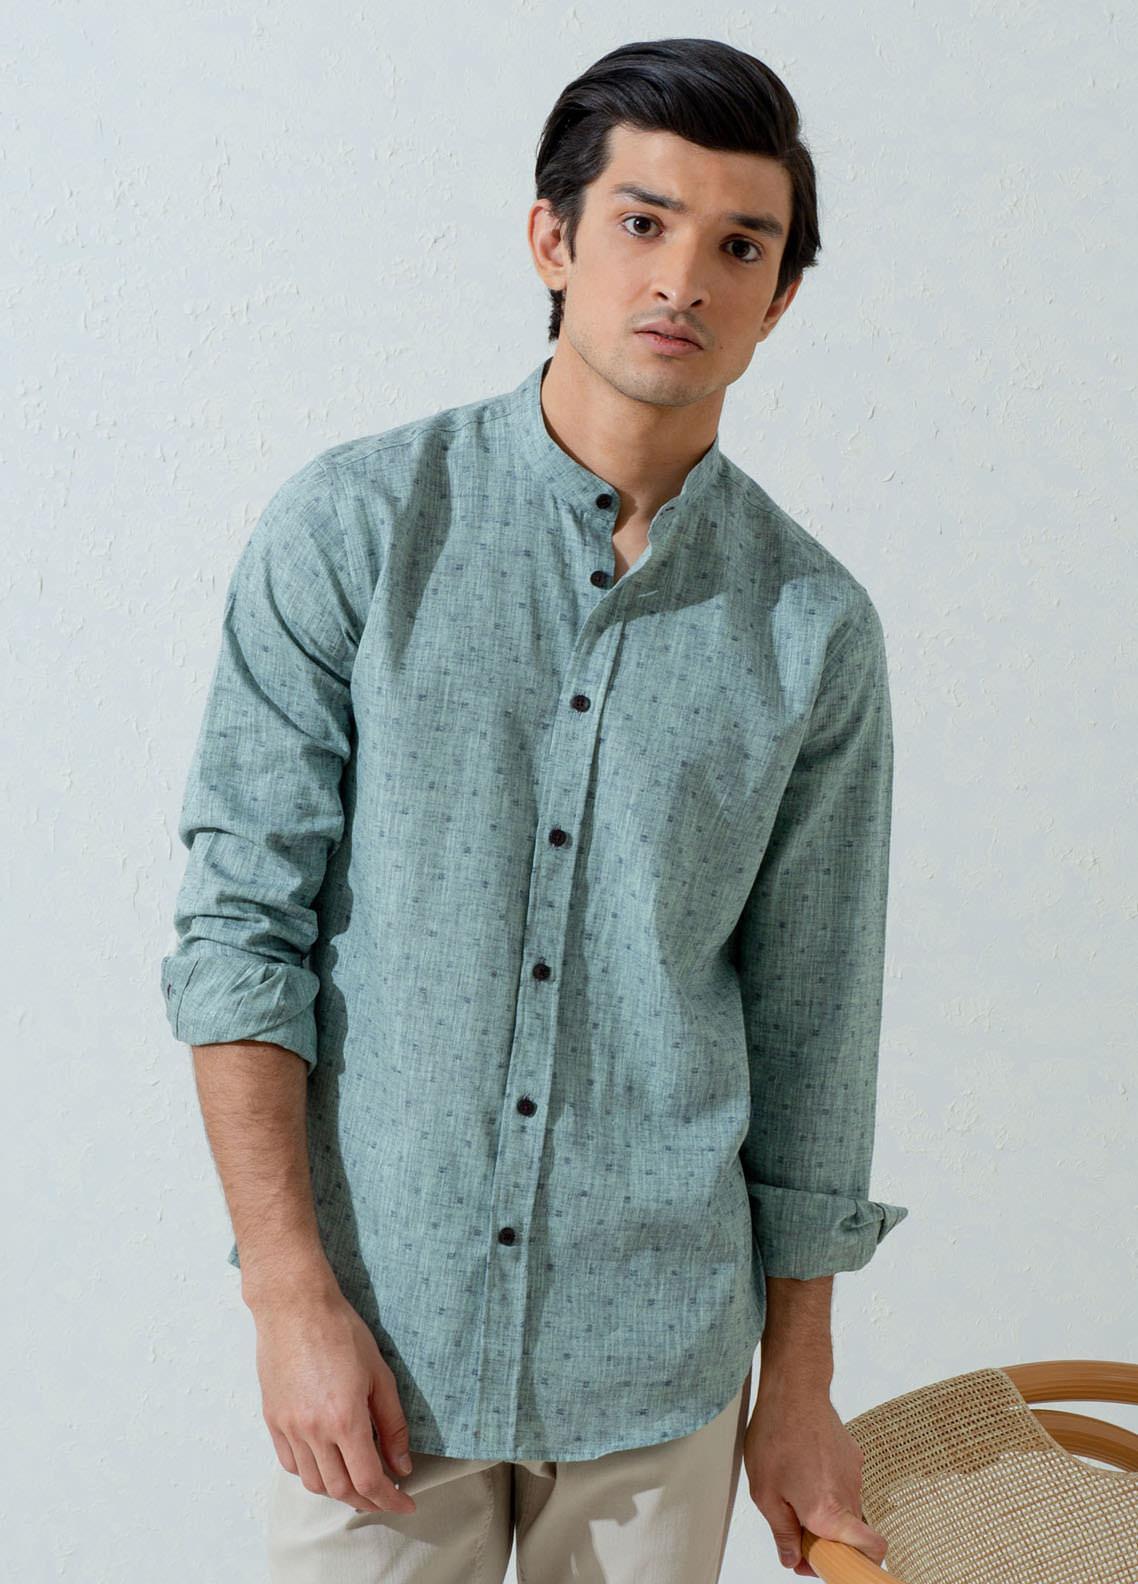 Brumano Cotton Casual Shirts for Men -  BM21SH Green Linen Mao